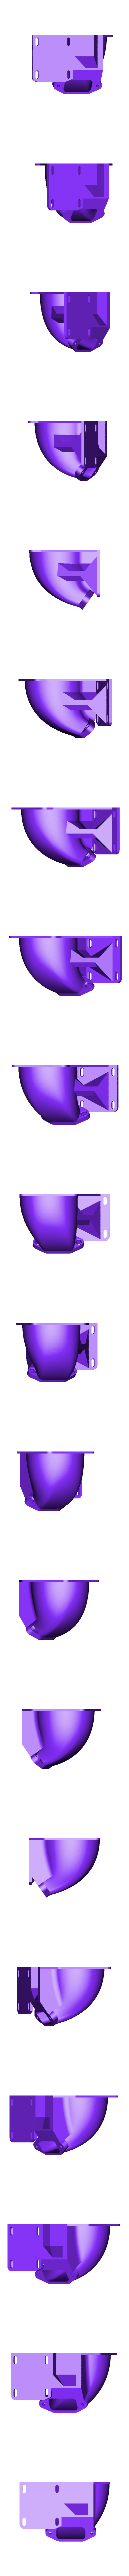 hemera part cooling fan mount - fan duct.stl Télécharger fichier STL gratuit support à changement rapide pour e3d hemera et ventilateur de refroidissement de 60 mm • Design pour impression 3D, madewithlinux